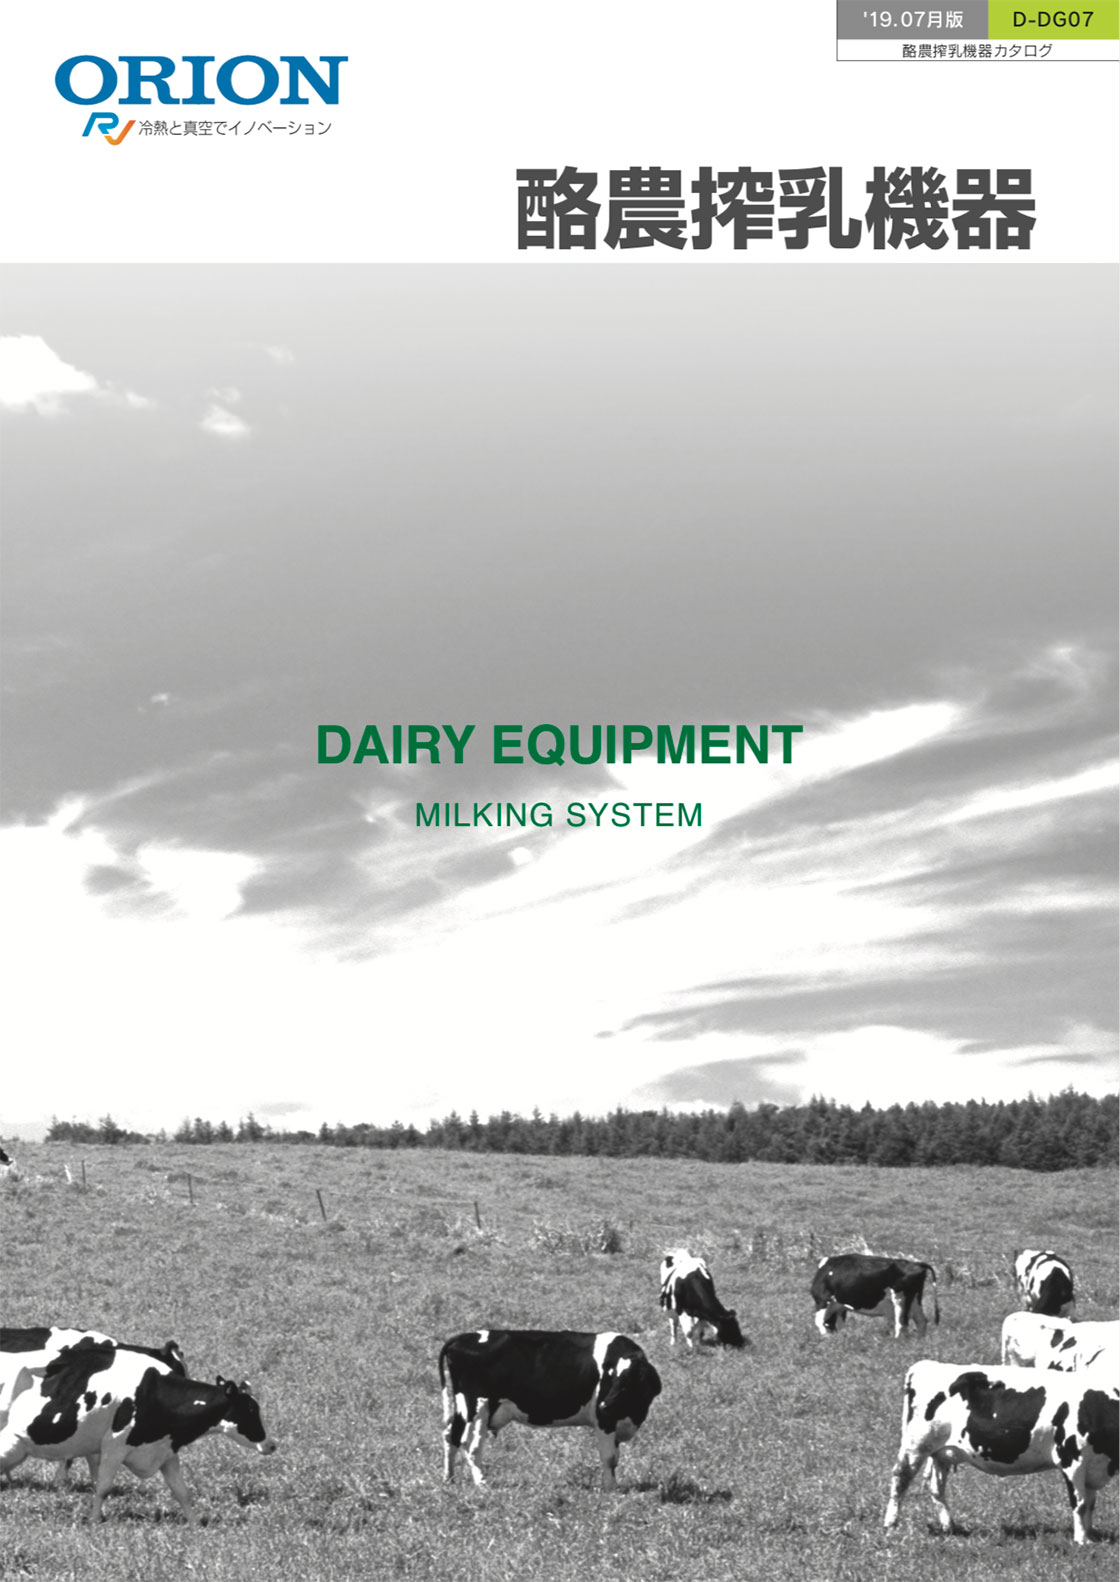 酪農機器総合カタログ 酪農搾乳機器